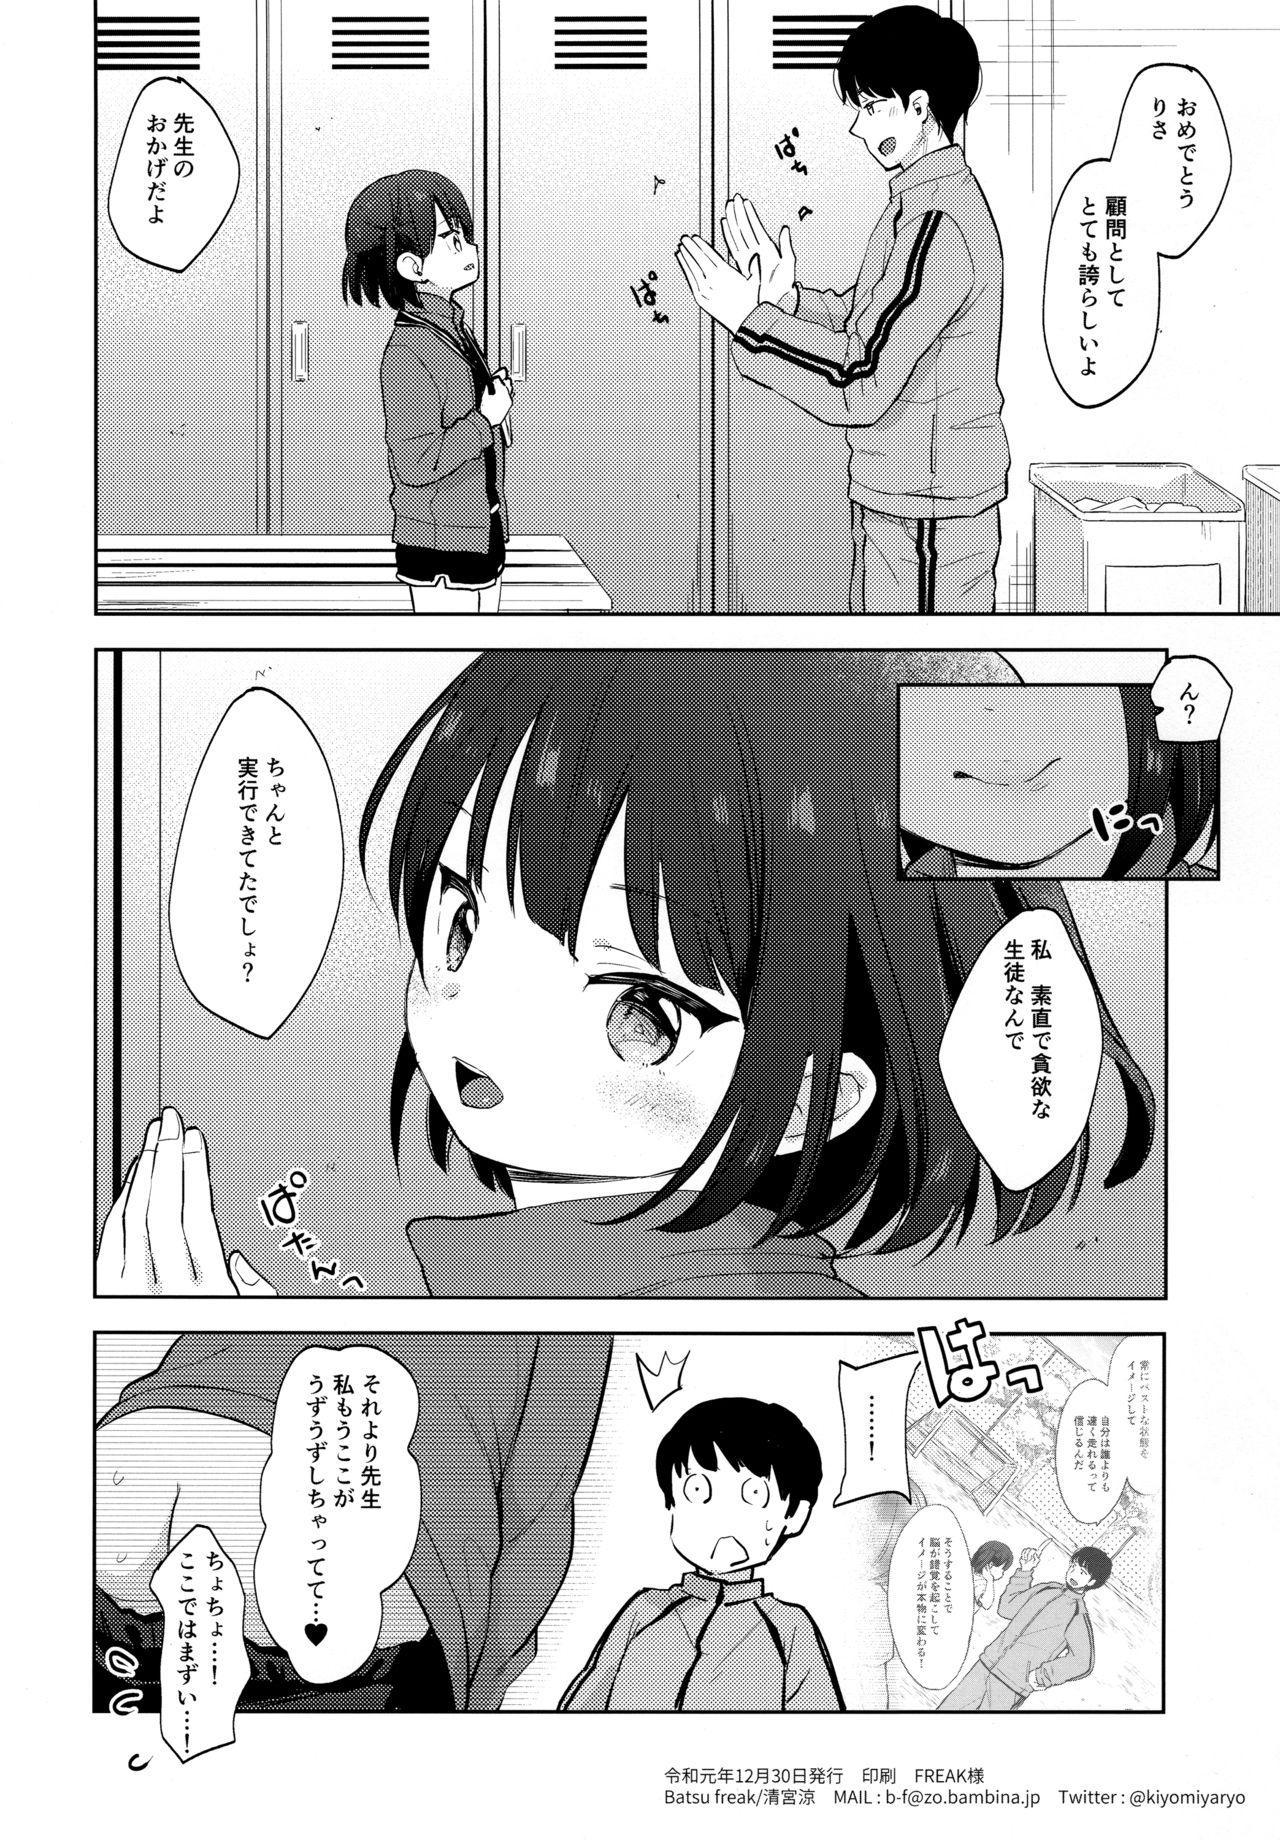 Boku no Kioku ga Oshiego ni Gisousarete Shimaimashita 24